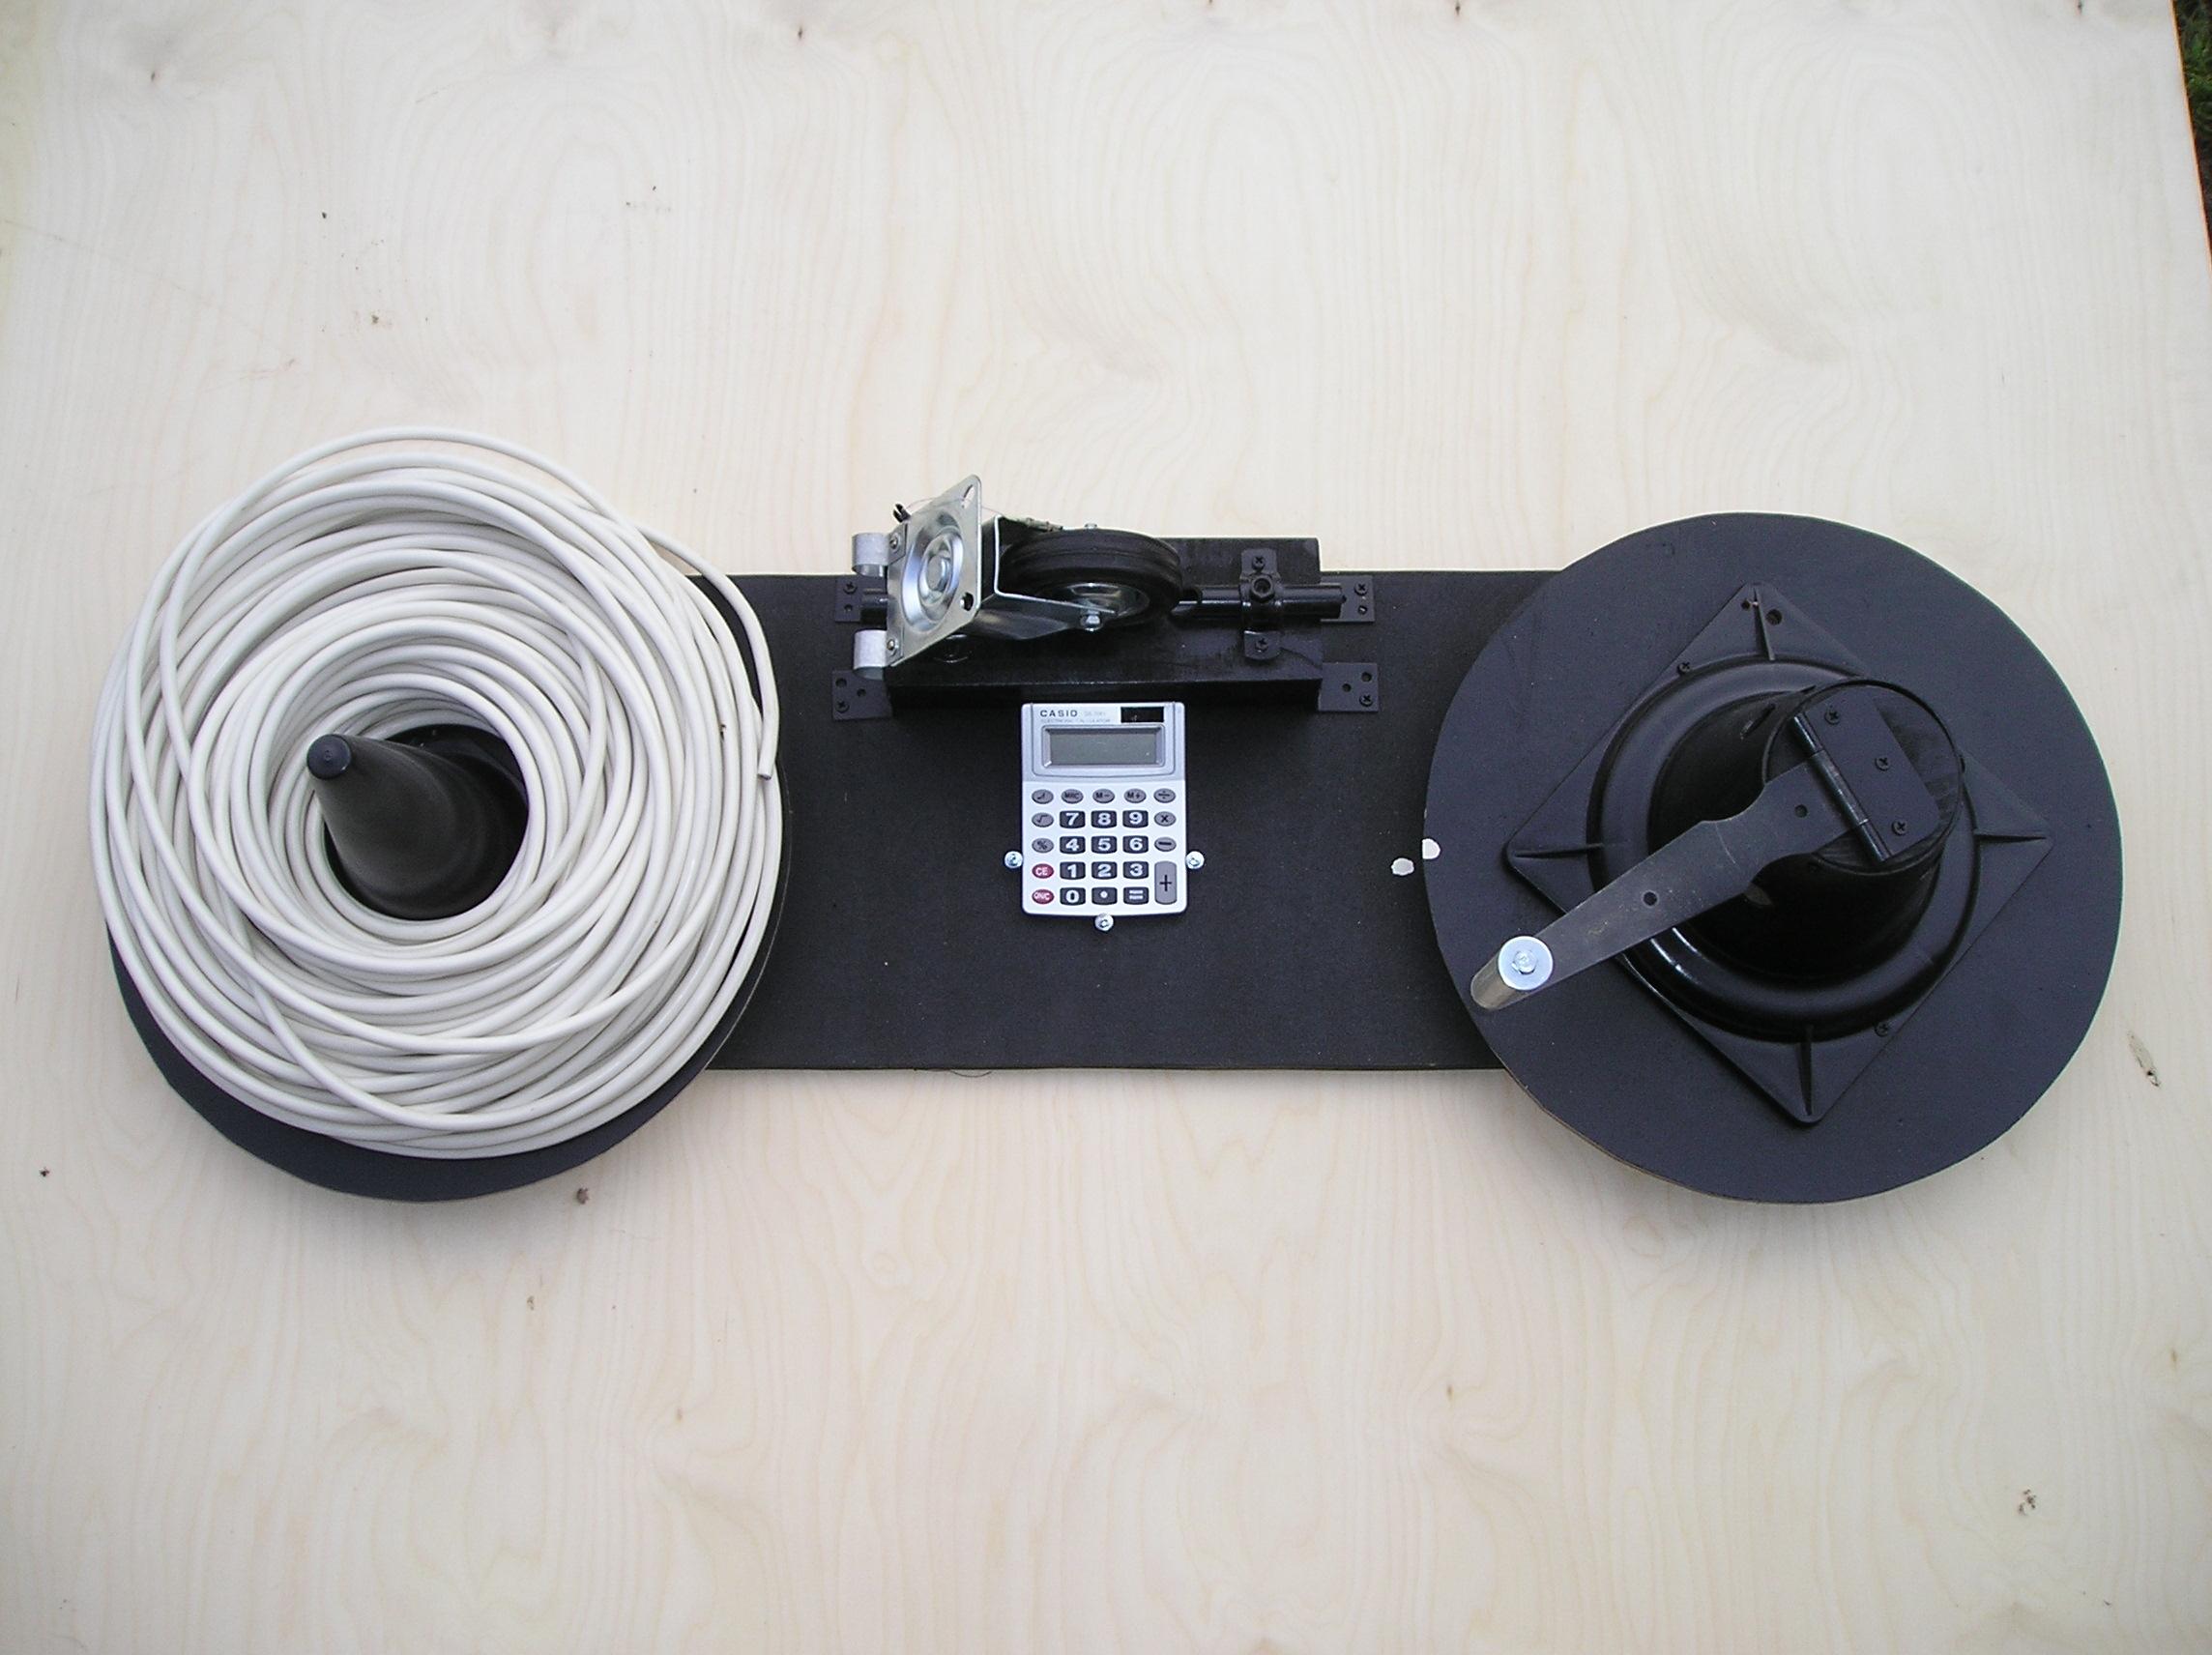 Самодельная катушка для размотки кабеля - Полезные самоделки 30